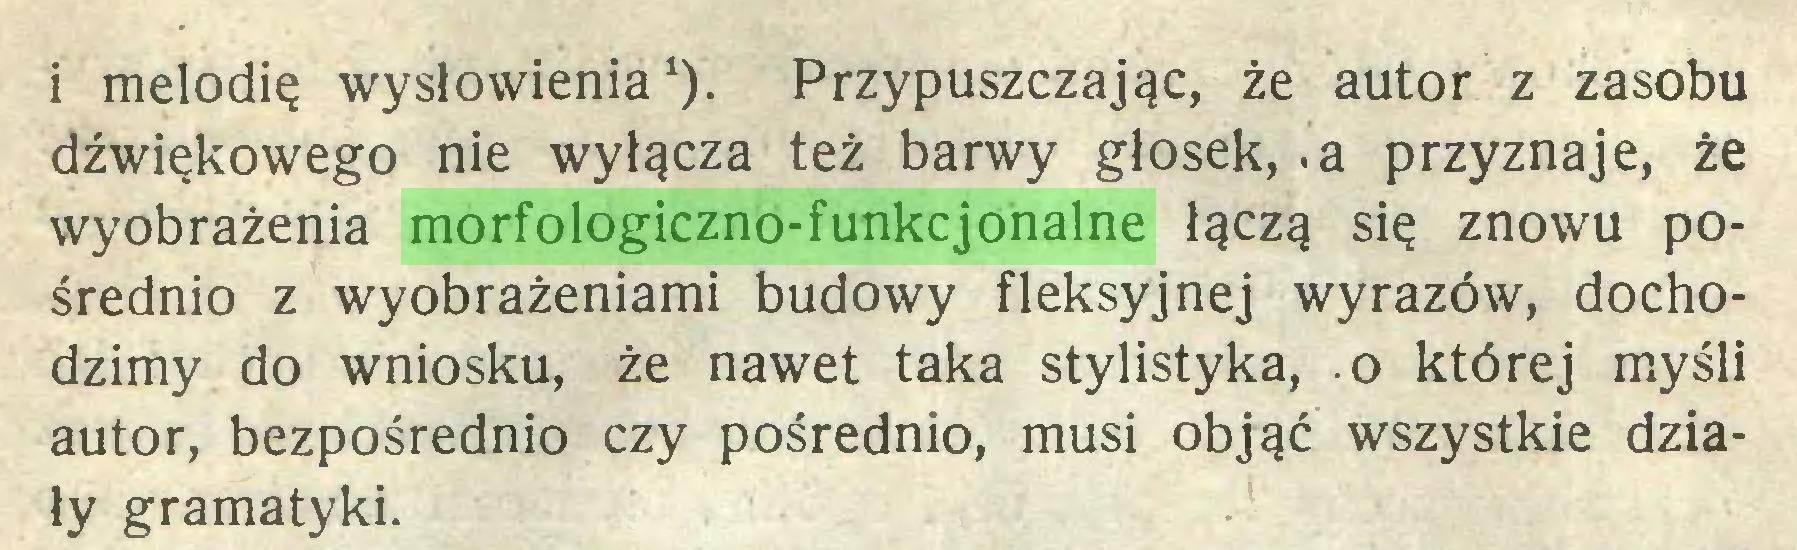 (...) i melodię wysłowienia1). Przypuszczając, że autor z zasobu dźwiękowego nie wyłącza też barwy głosek, .a przyznaje, że wyobrażenia morfologiczno-funkcjonalne łączą się znowu pośrednio z wyobrażeniami budowy fleksyjnej wyrazów, dochodzimy do wniosku, że nawet taka stylistyka, o której myśli autor, bezpośrednio czy pośrednio, musi objąć wszystkie działy gramatyki...